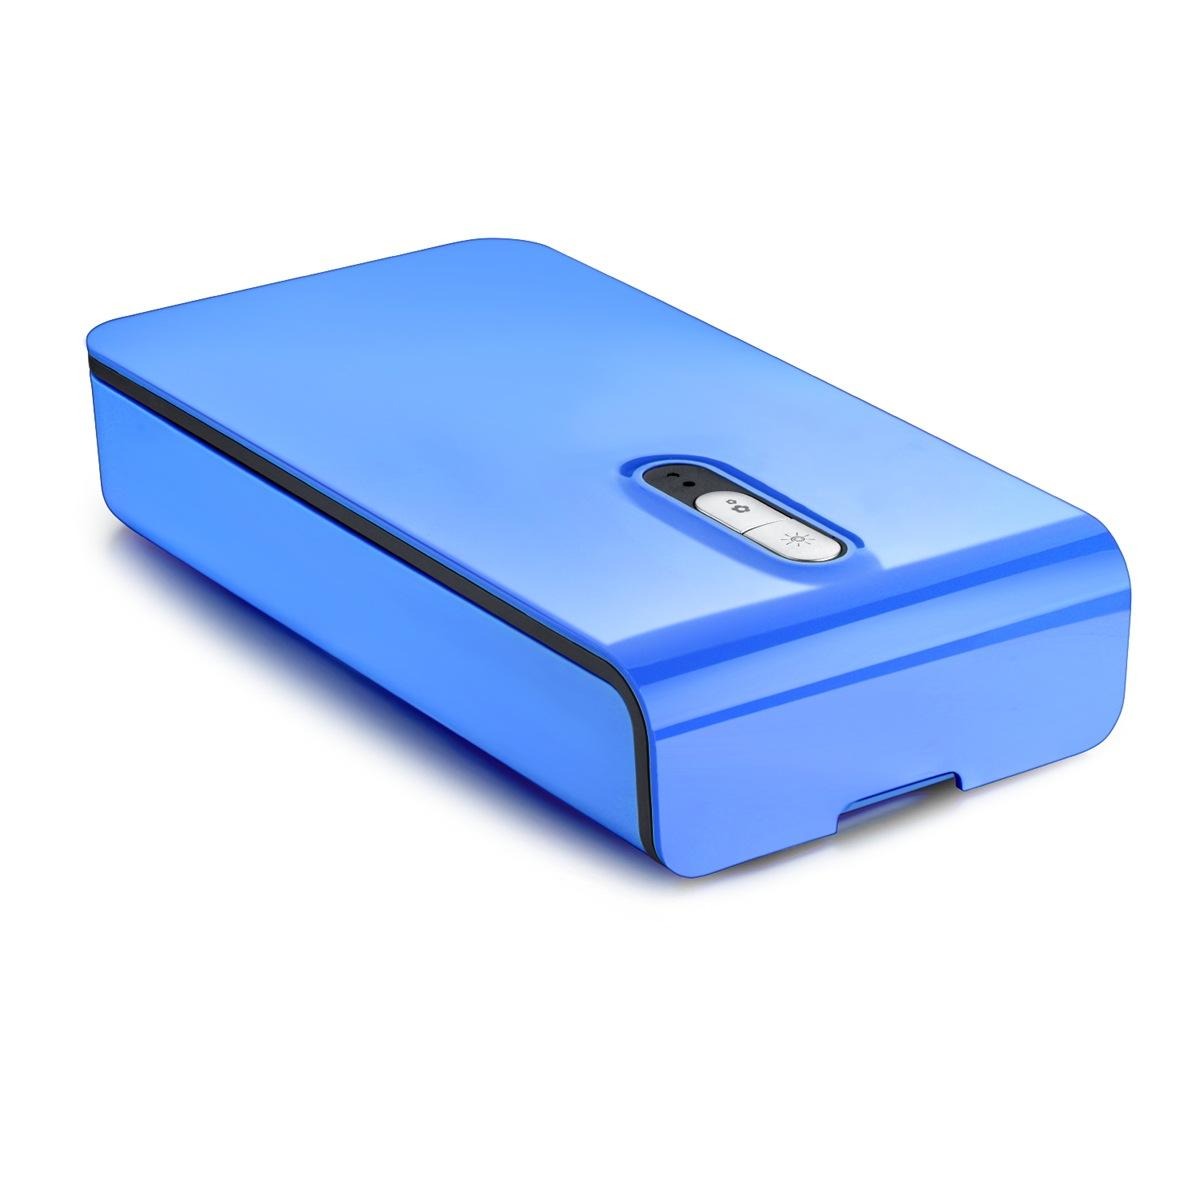 多功能手机消毒紫外线口罩牙刷消毒器香薰生活电器日用礼品抖音